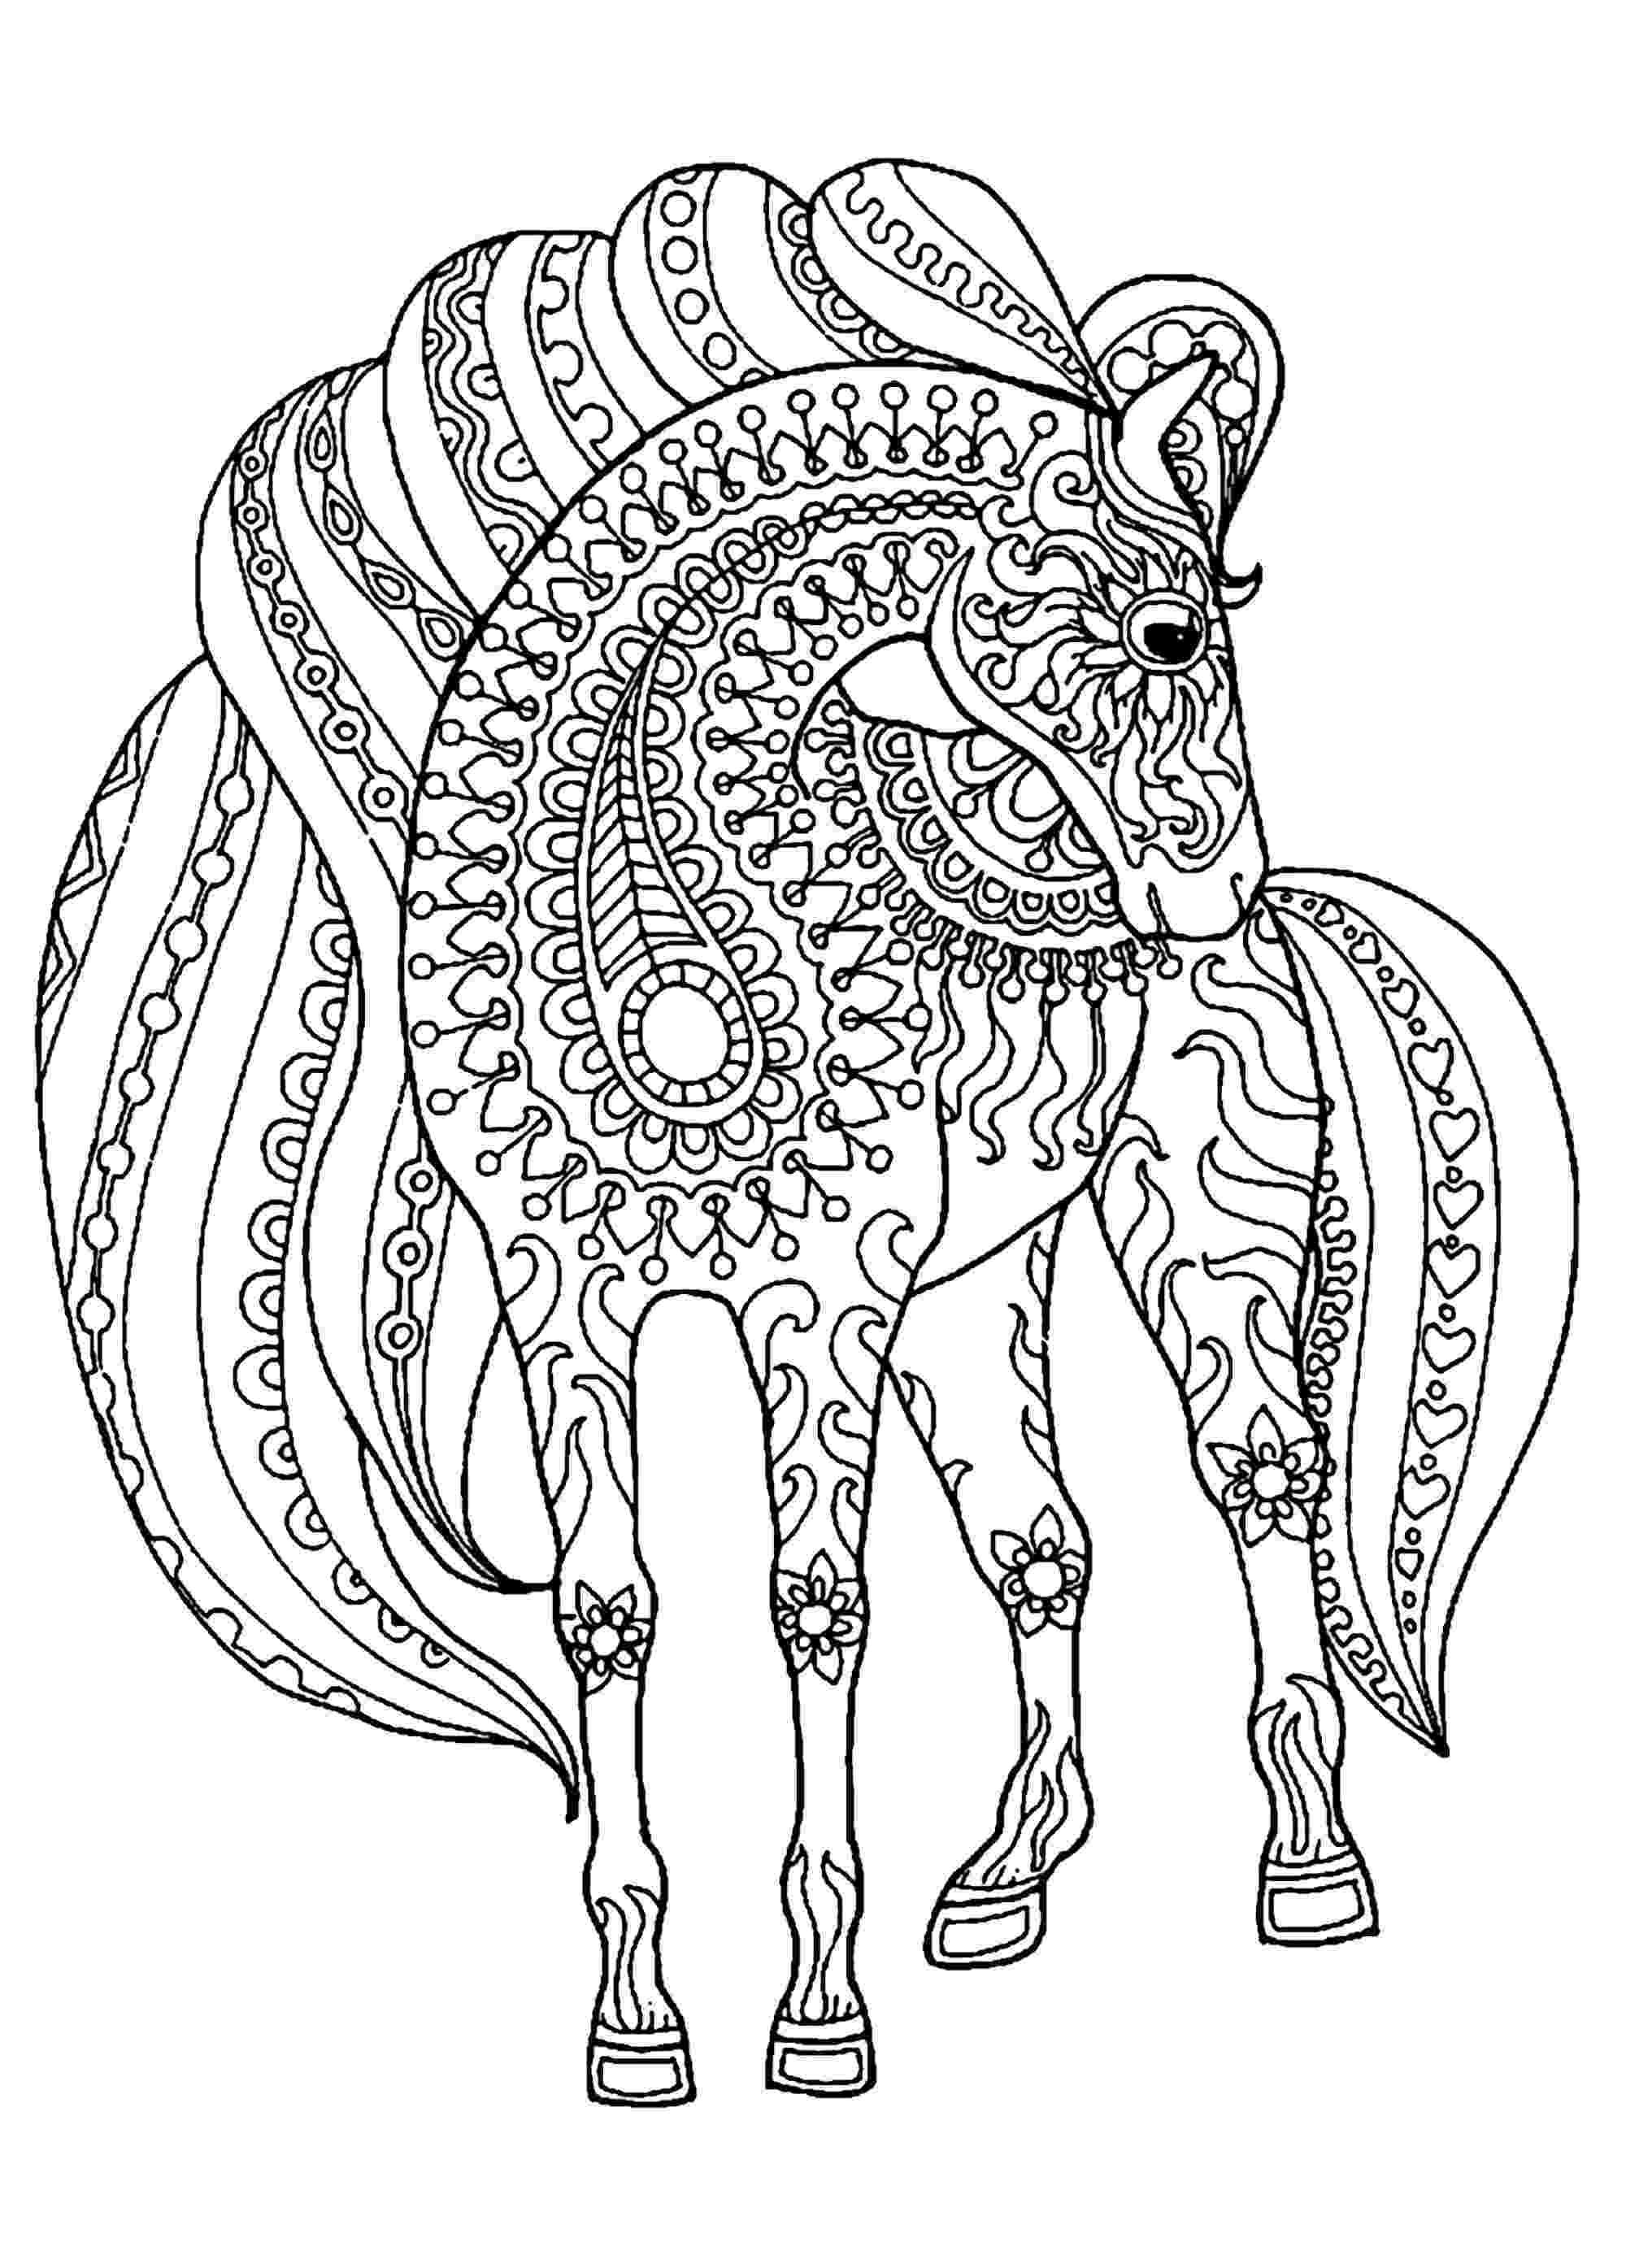 mandala animals 19 mandala animal coloring pages download coloring sheets mandala animals